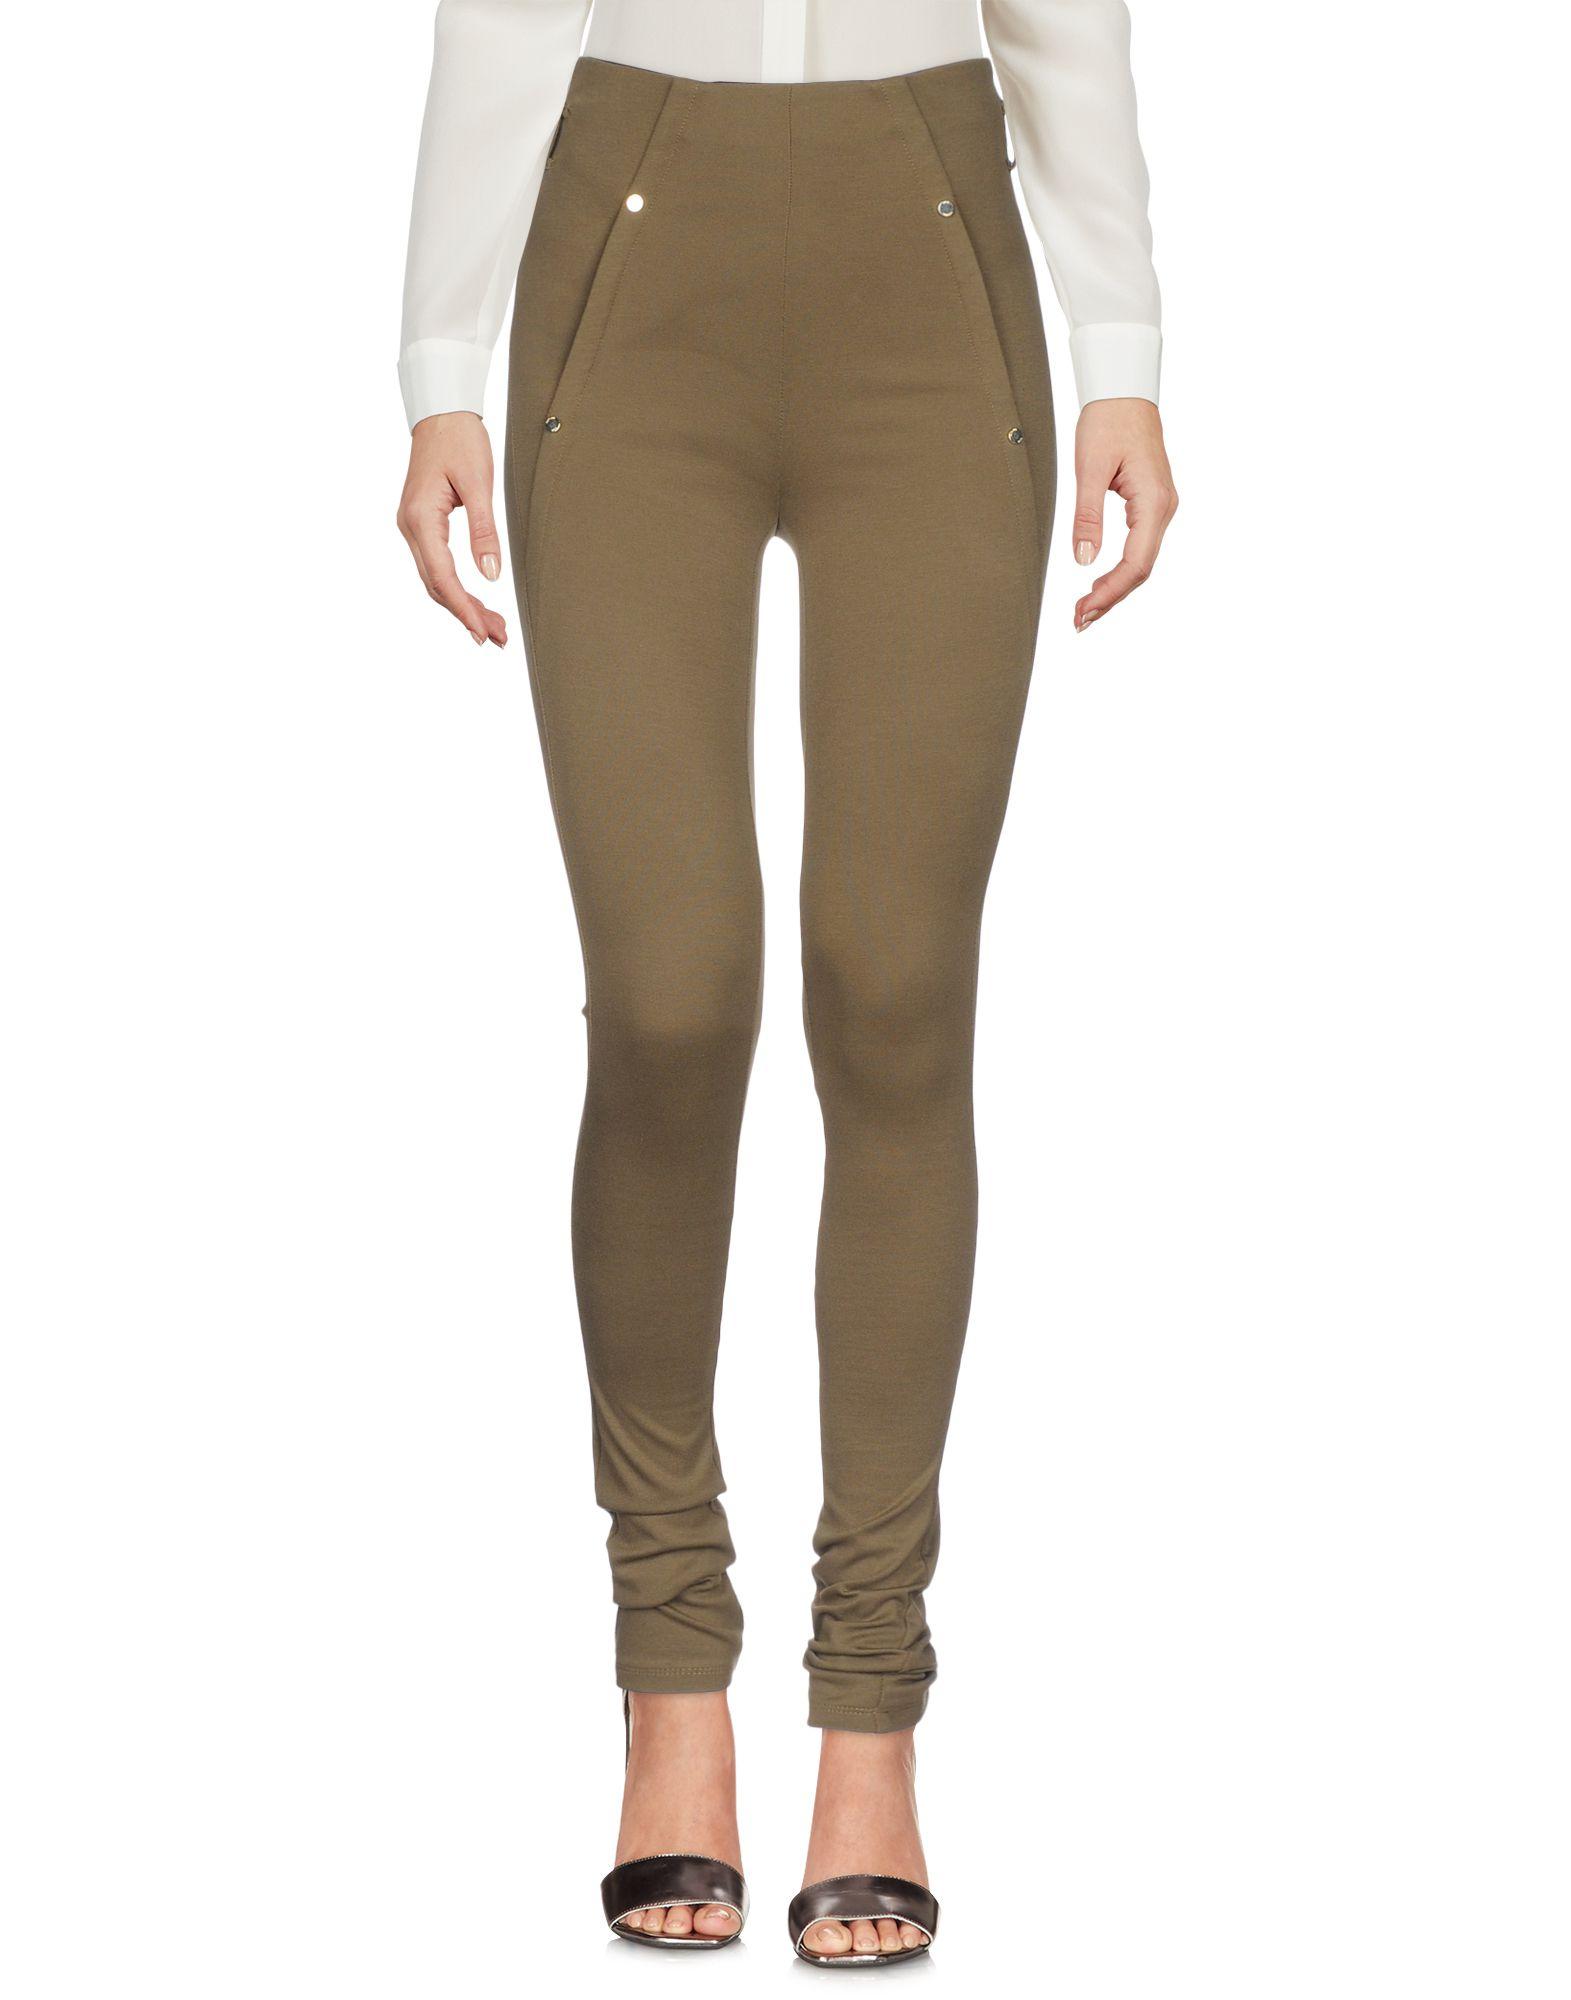 PATRIZIA PEPE Повседневные брюки patrizia pepe джинсы из эластичной хлопковой холщовой ткани